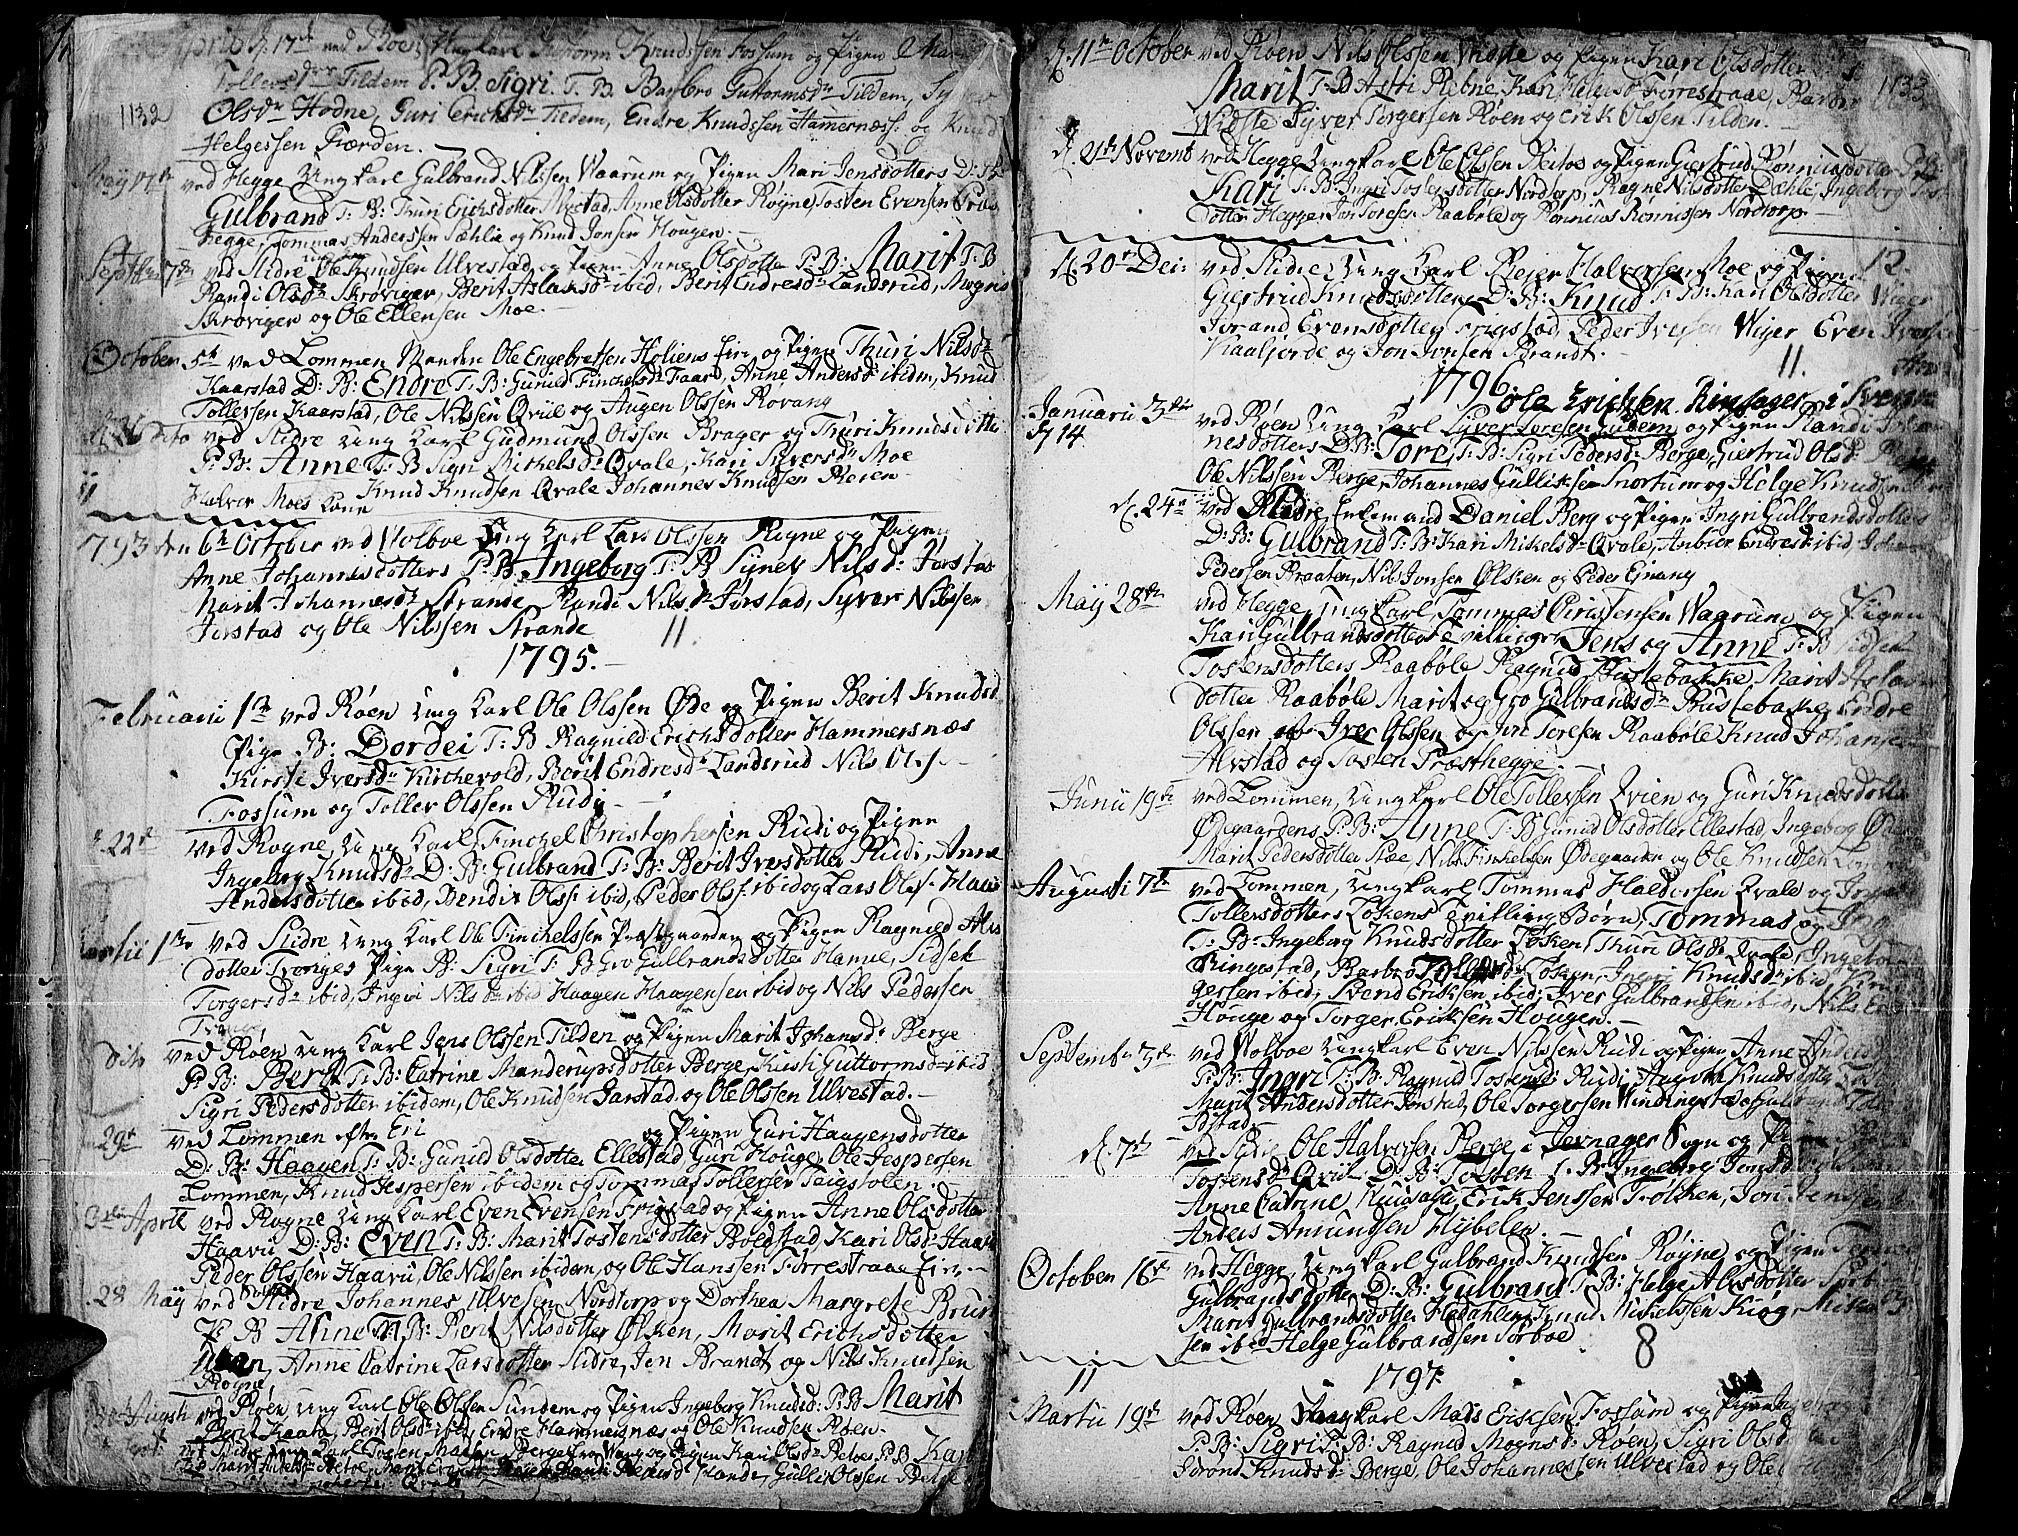 SAH, Slidre prestekontor, Ministerialbok nr. 1, 1724-1814, s. 1132-1133